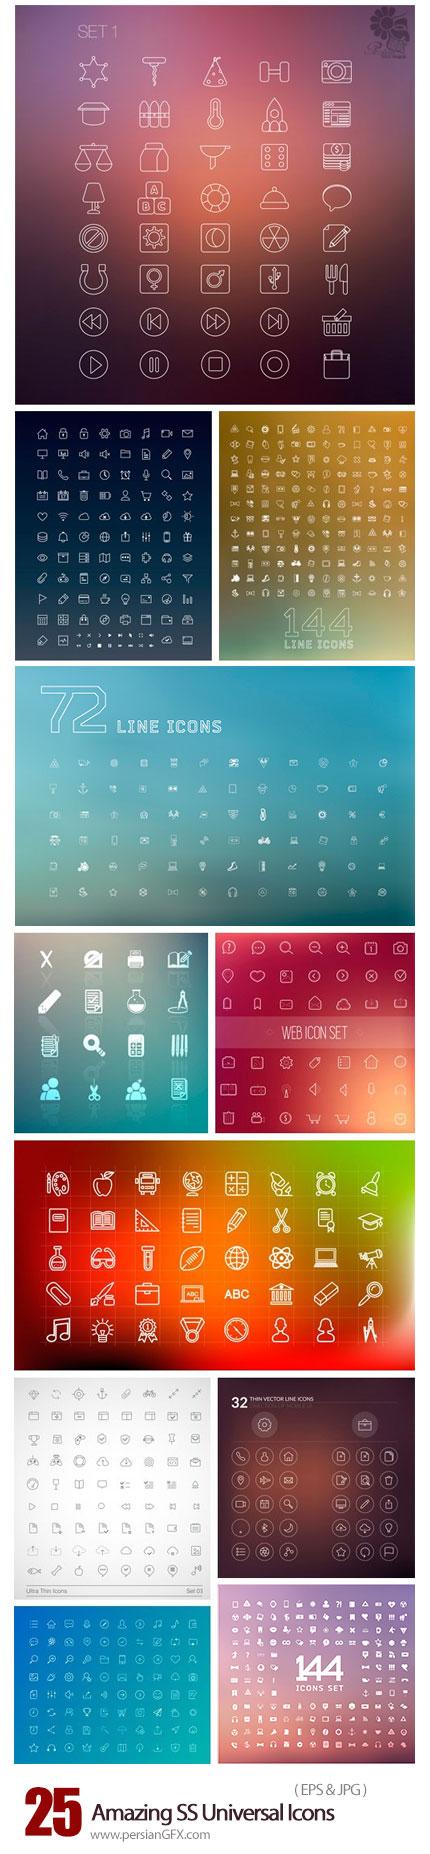 دانلود مجموعه تصاویر وکتور آیکون های خطی متنوع از شاتر استوک - Amazing ShutterStock Universal Icons